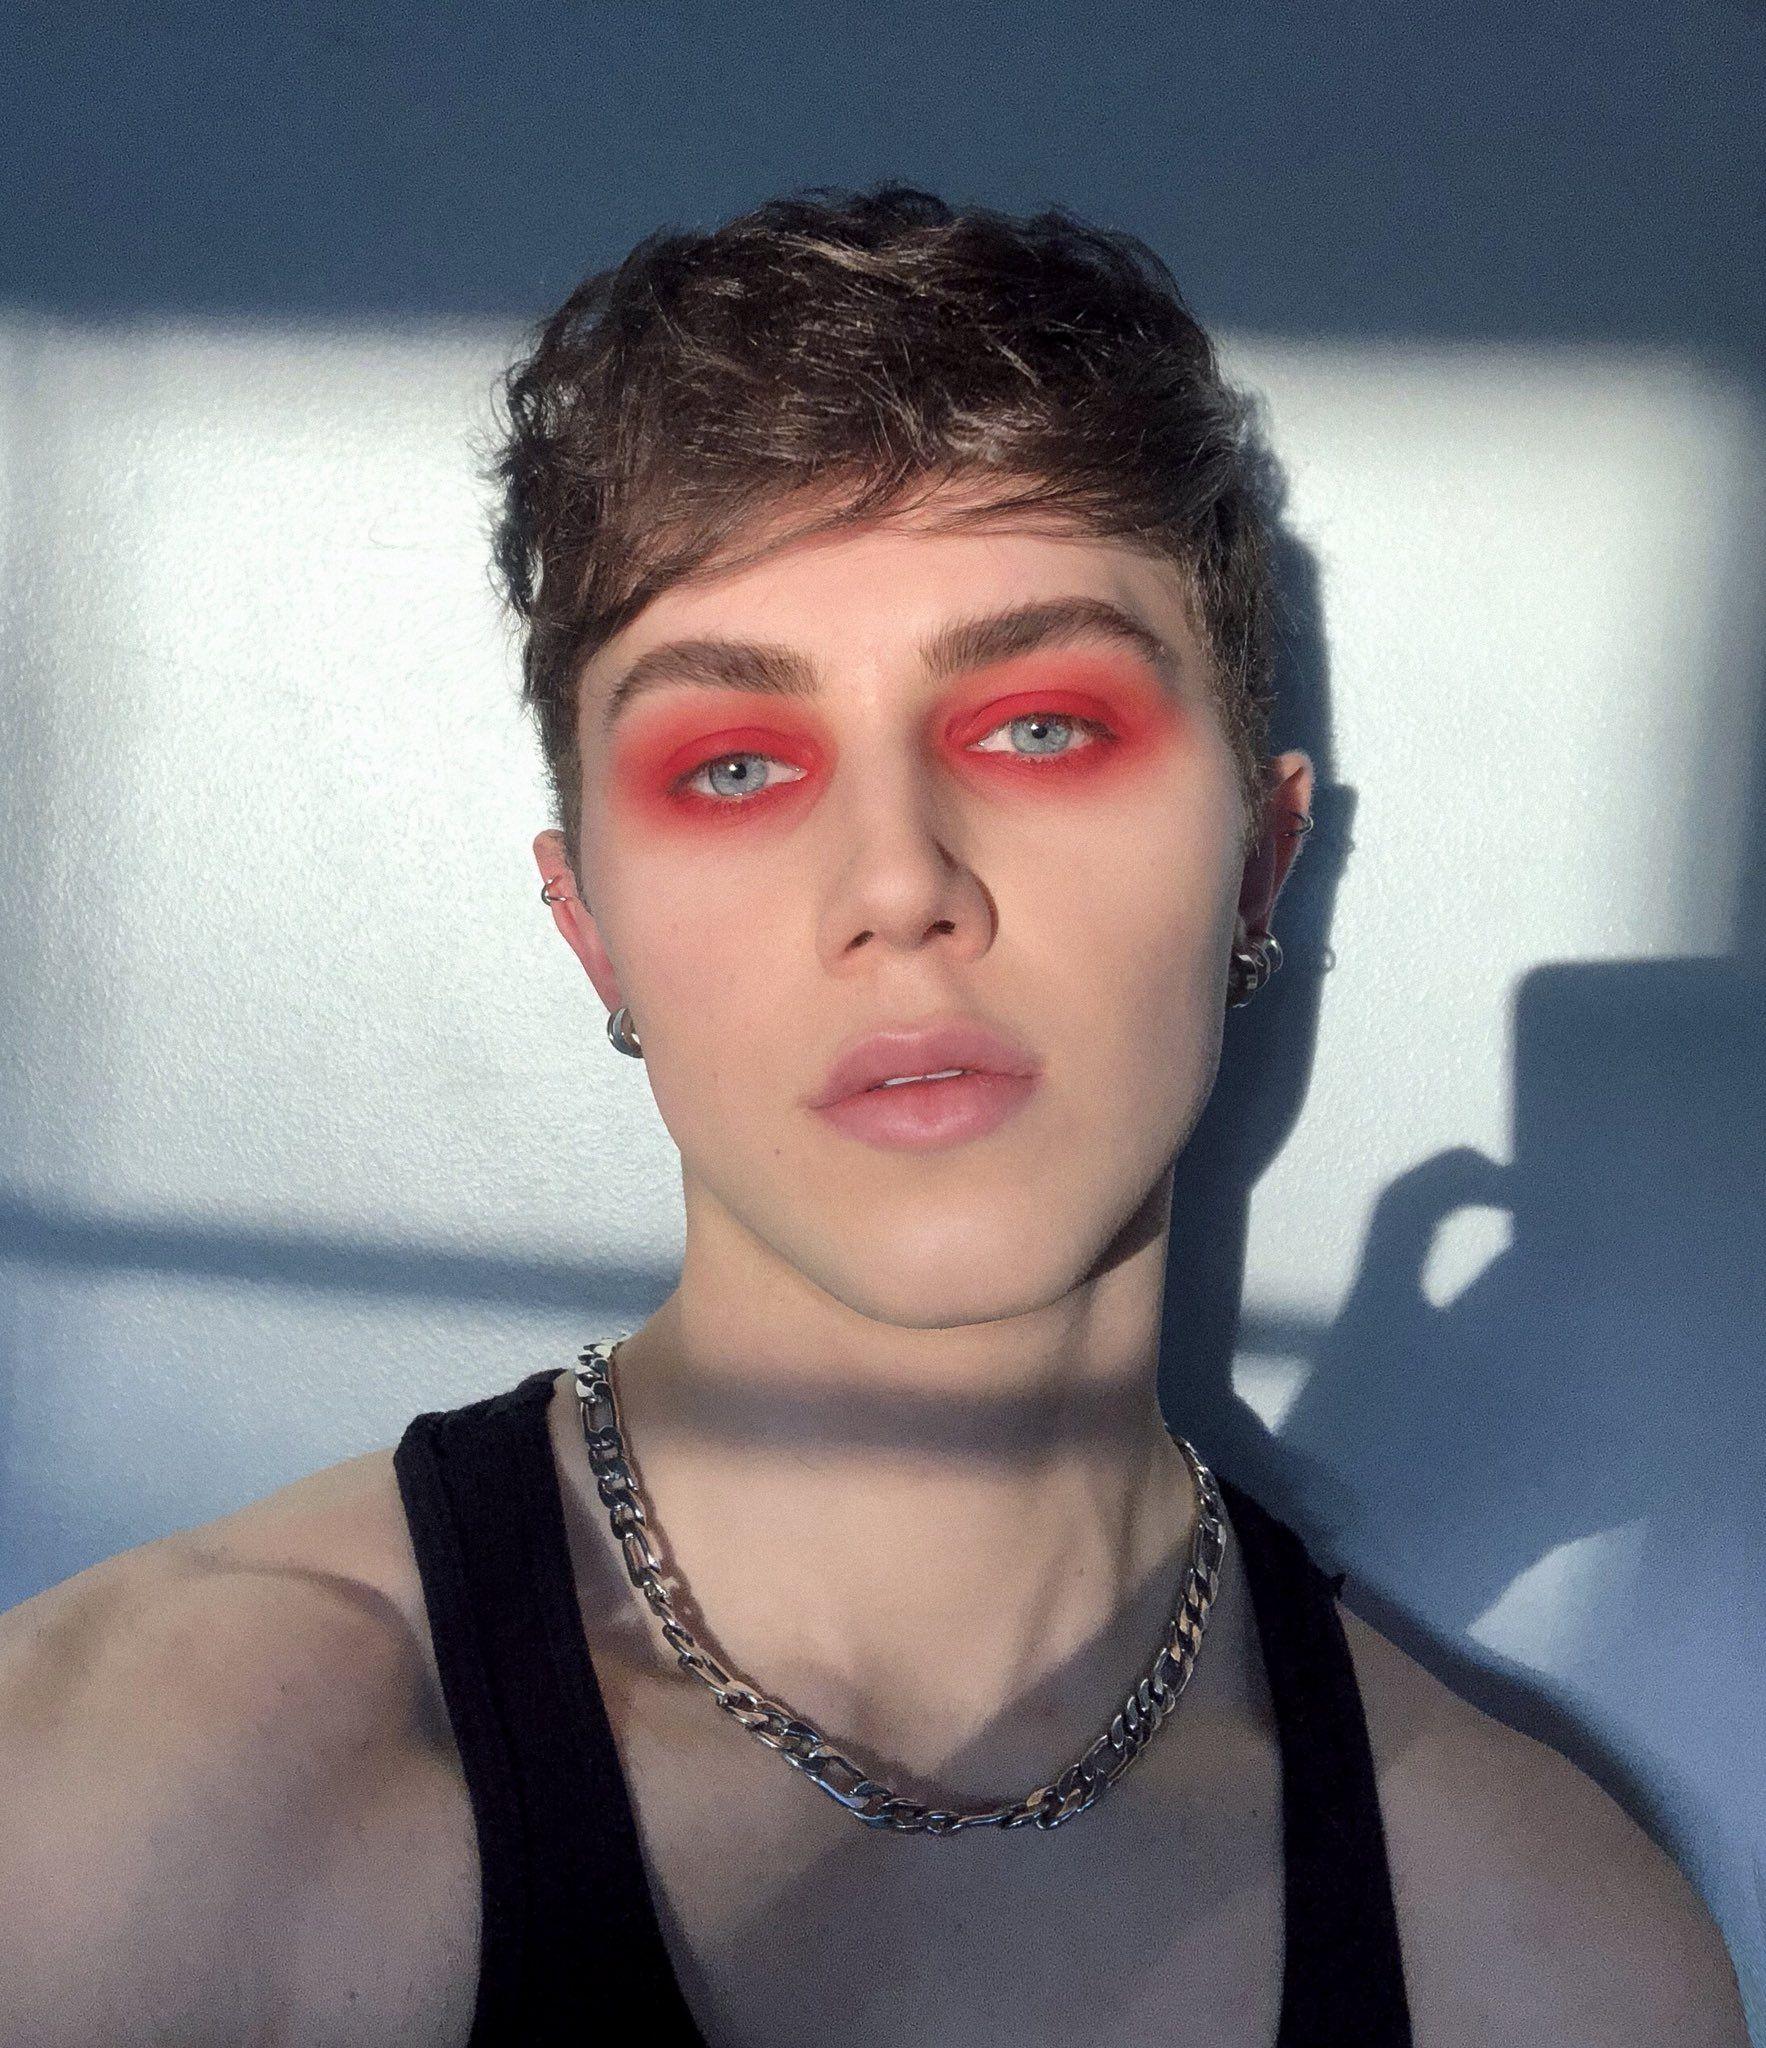 Spice On Twitter Punk Makeup Androgynous Makeup Men Wearing Makeup